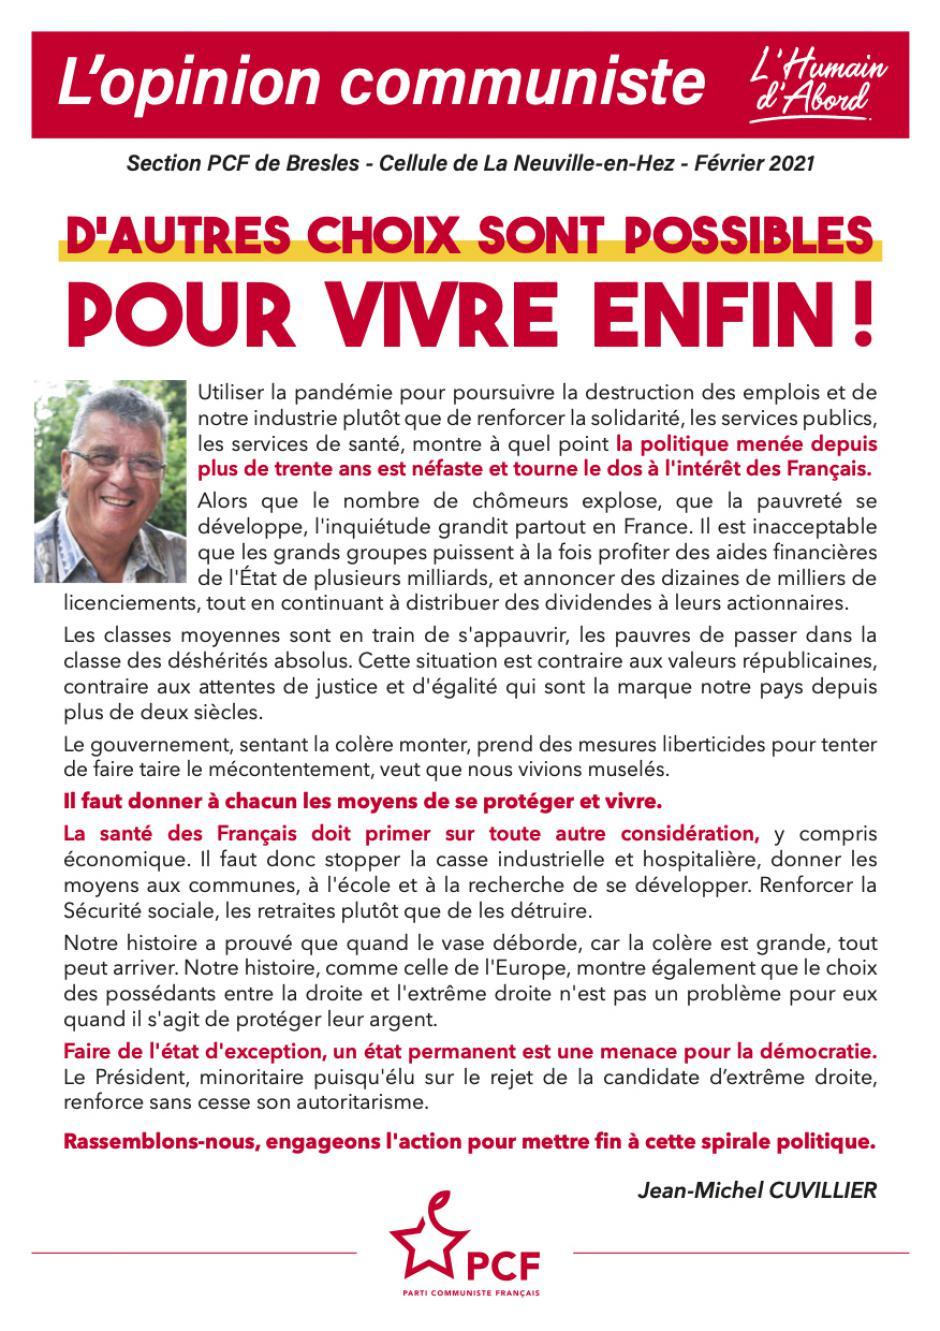 L'Opinion communiste - Cellule PCF de La Neuville-en-Hez, février 2021